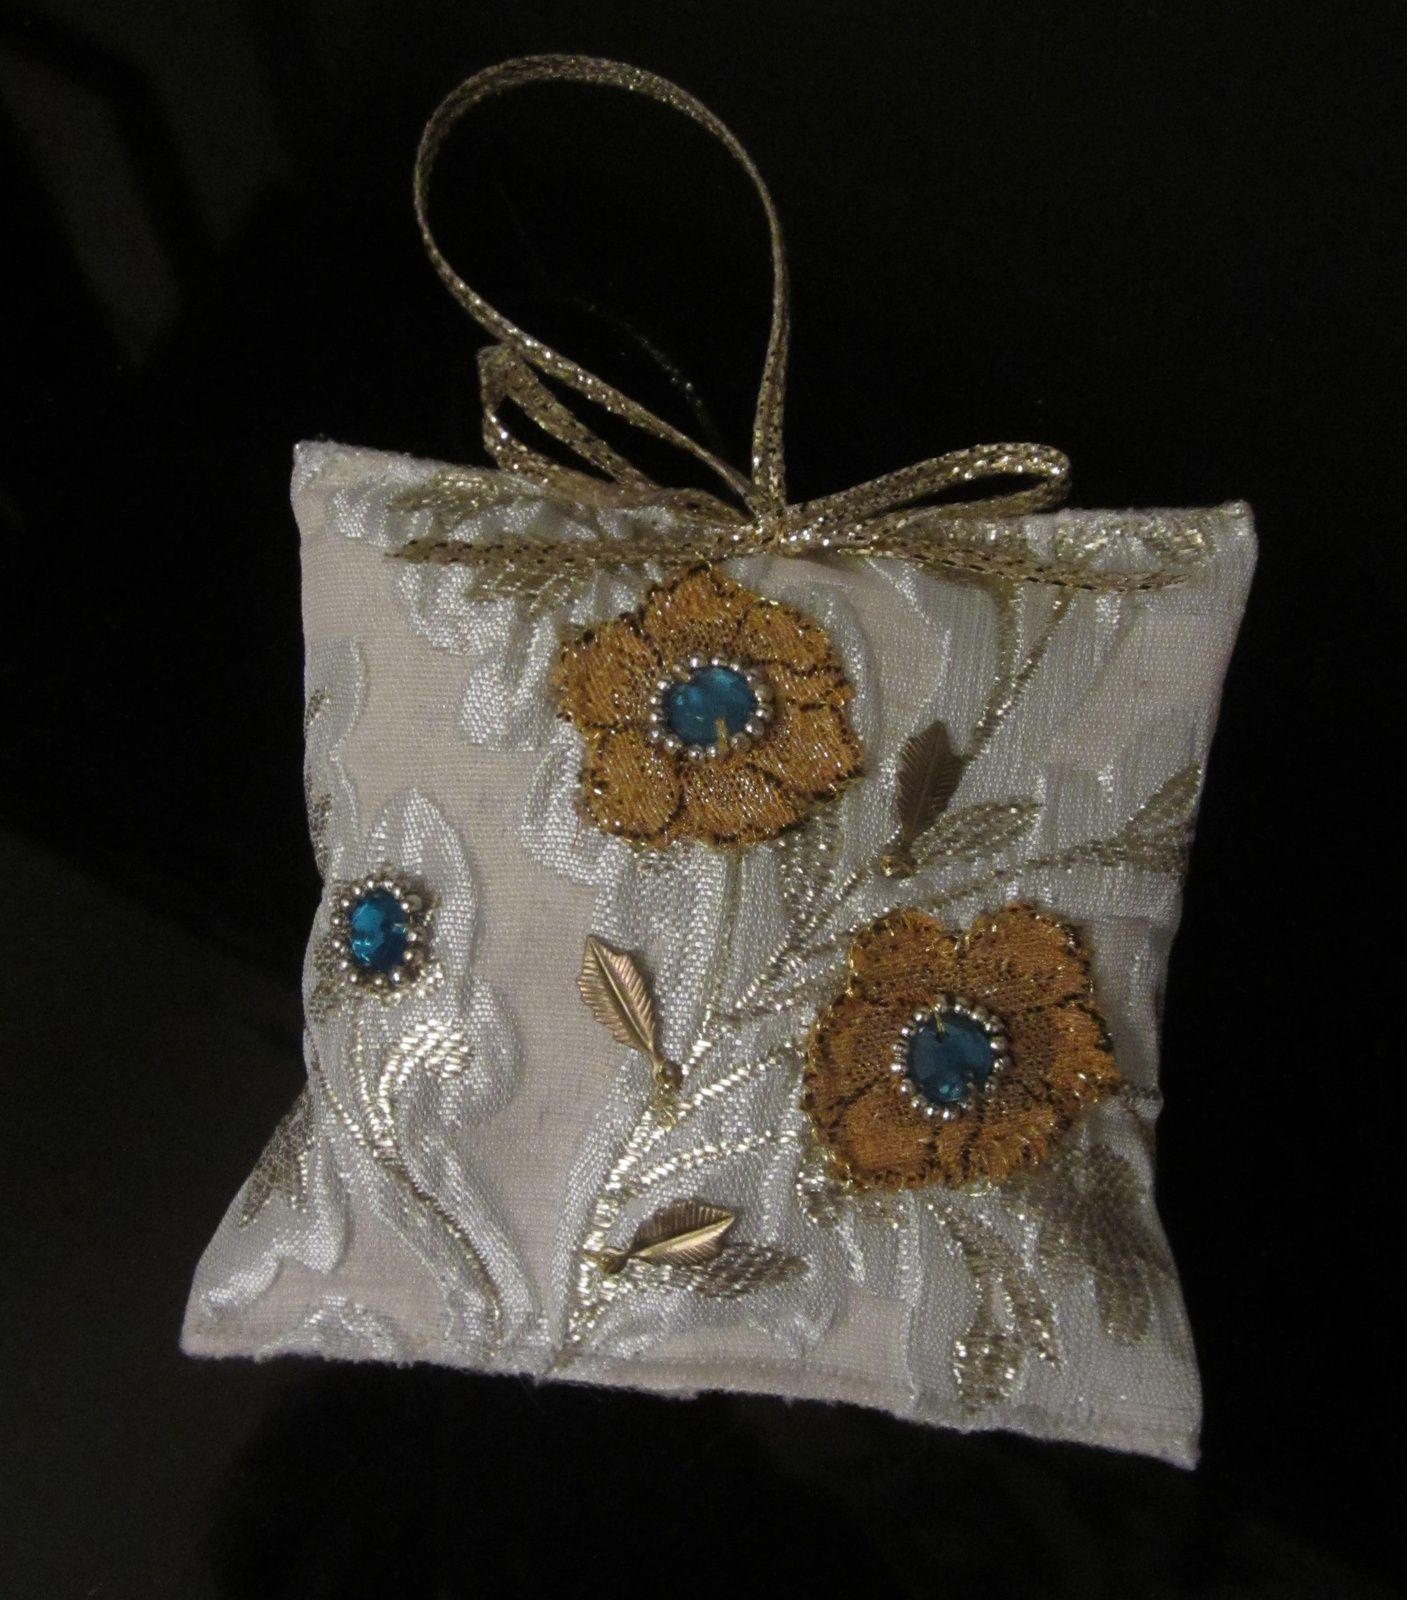 """Fleurettes appliquées et  cabochons de """"saphir"""" ... récupérés.. sur un Sari indien.."""